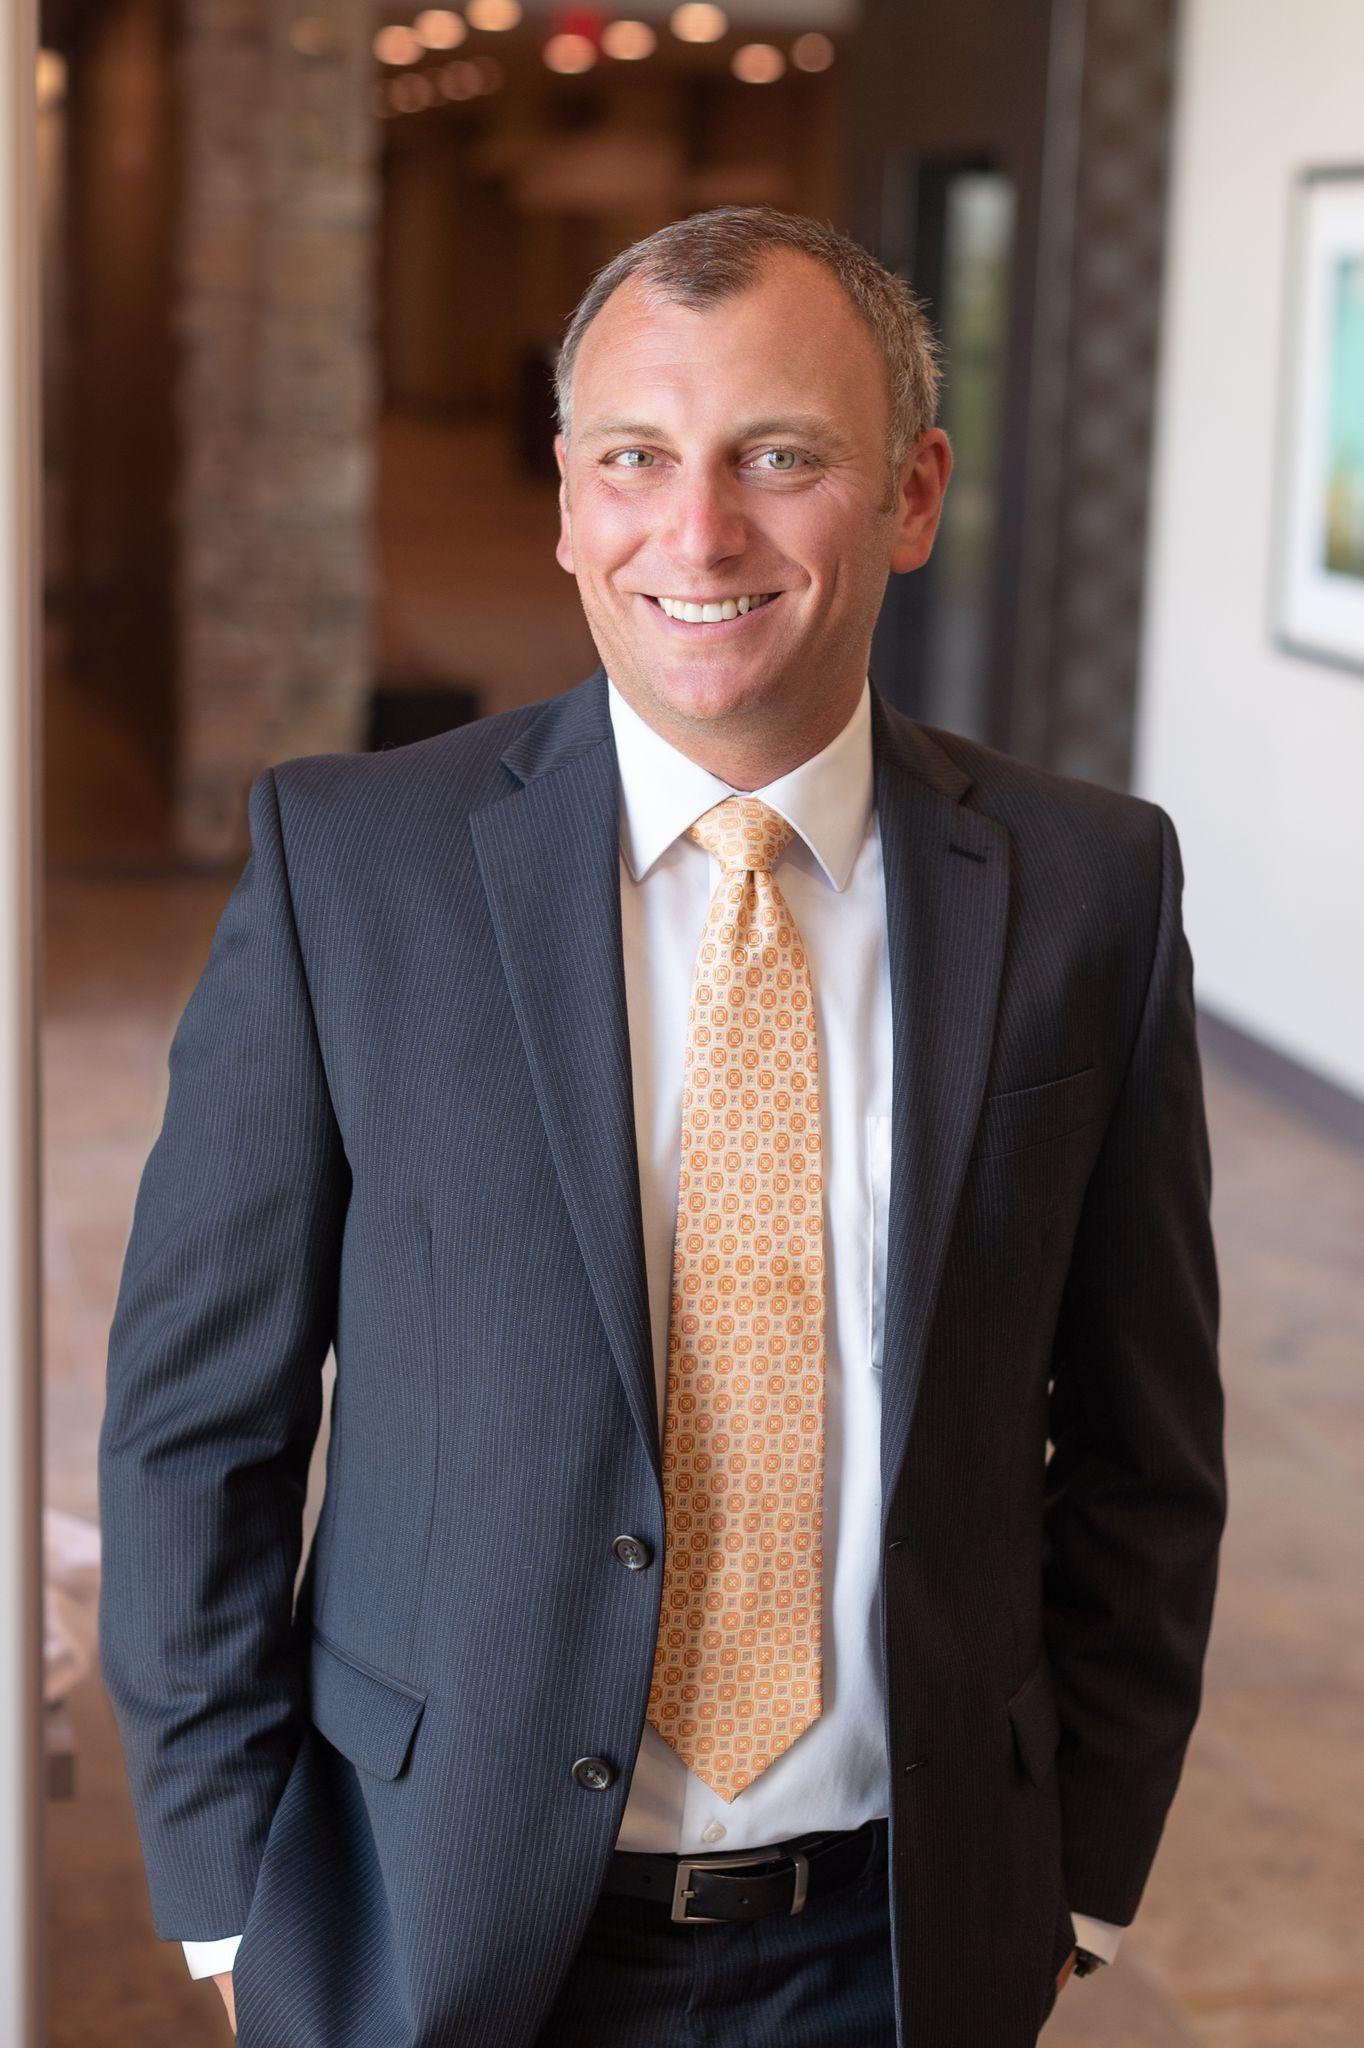 Dr. Meinhardt